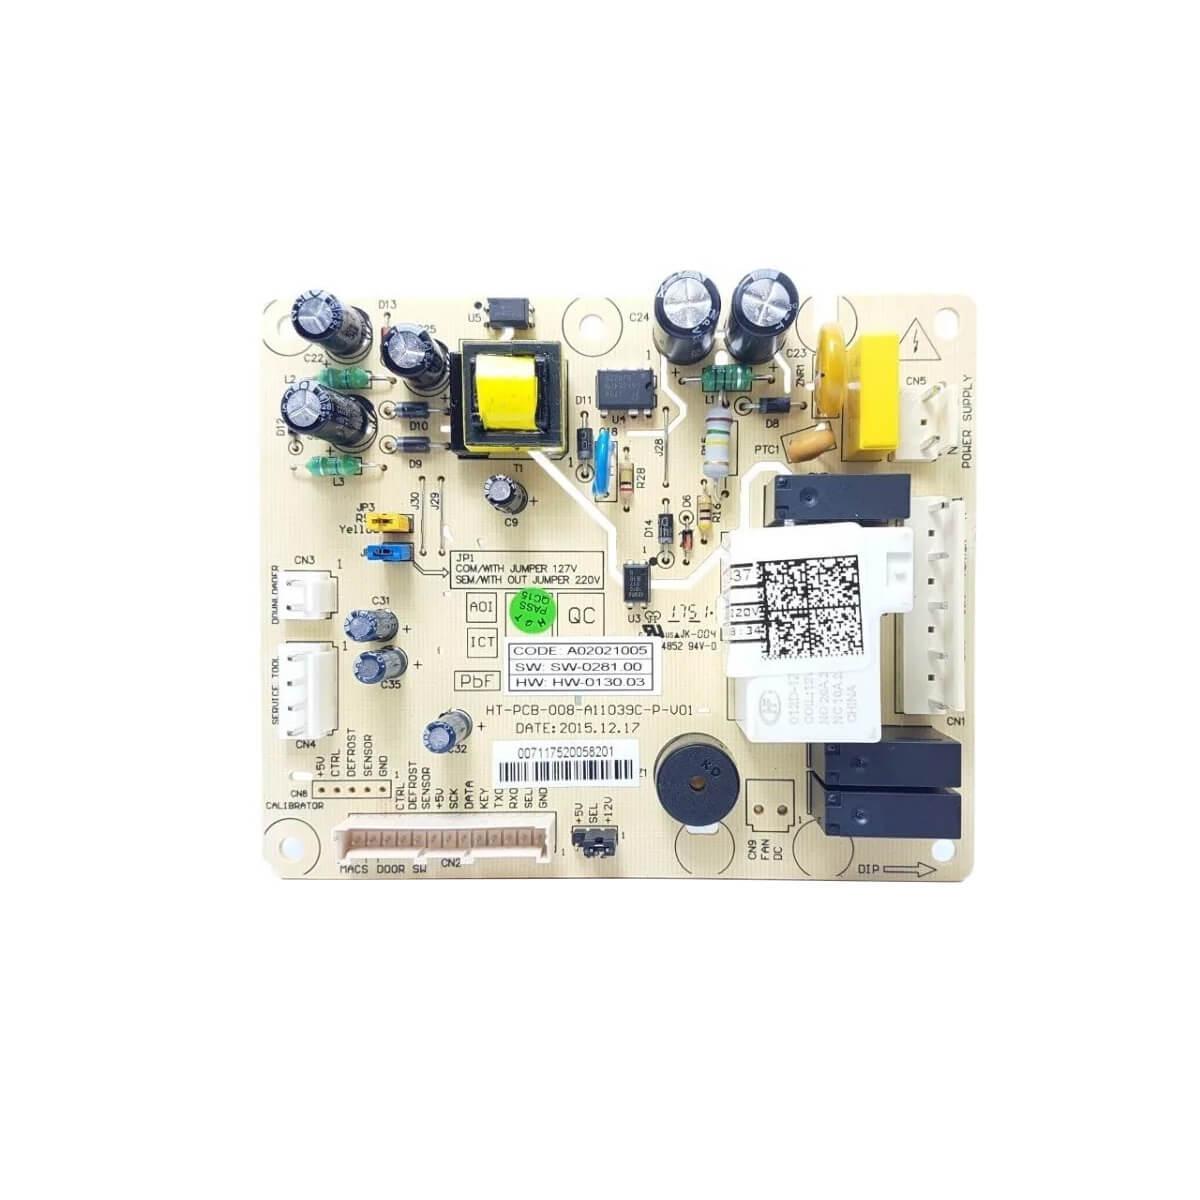 Placa De Potencia Para Refrigerador Df80x Df80 Df82 Electrolux - A02021001